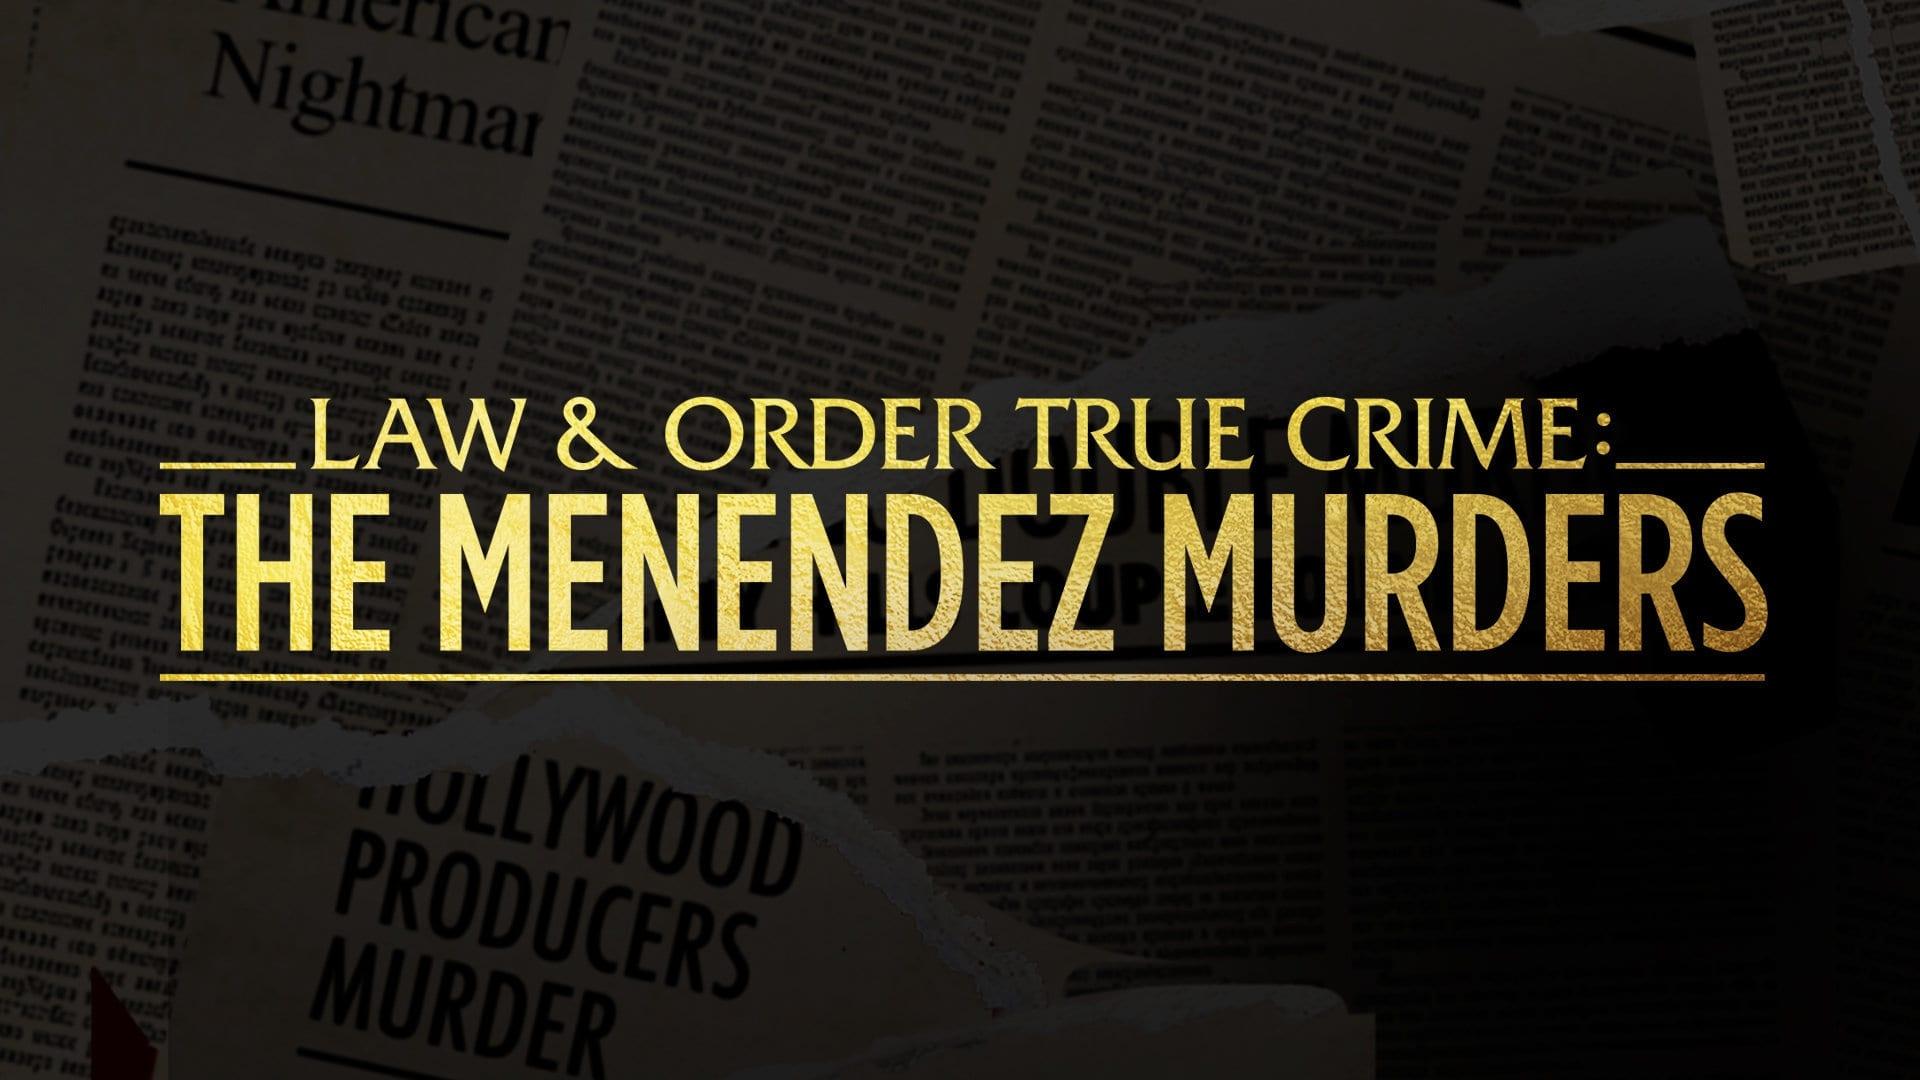 La Ley y el Orden True Crimen